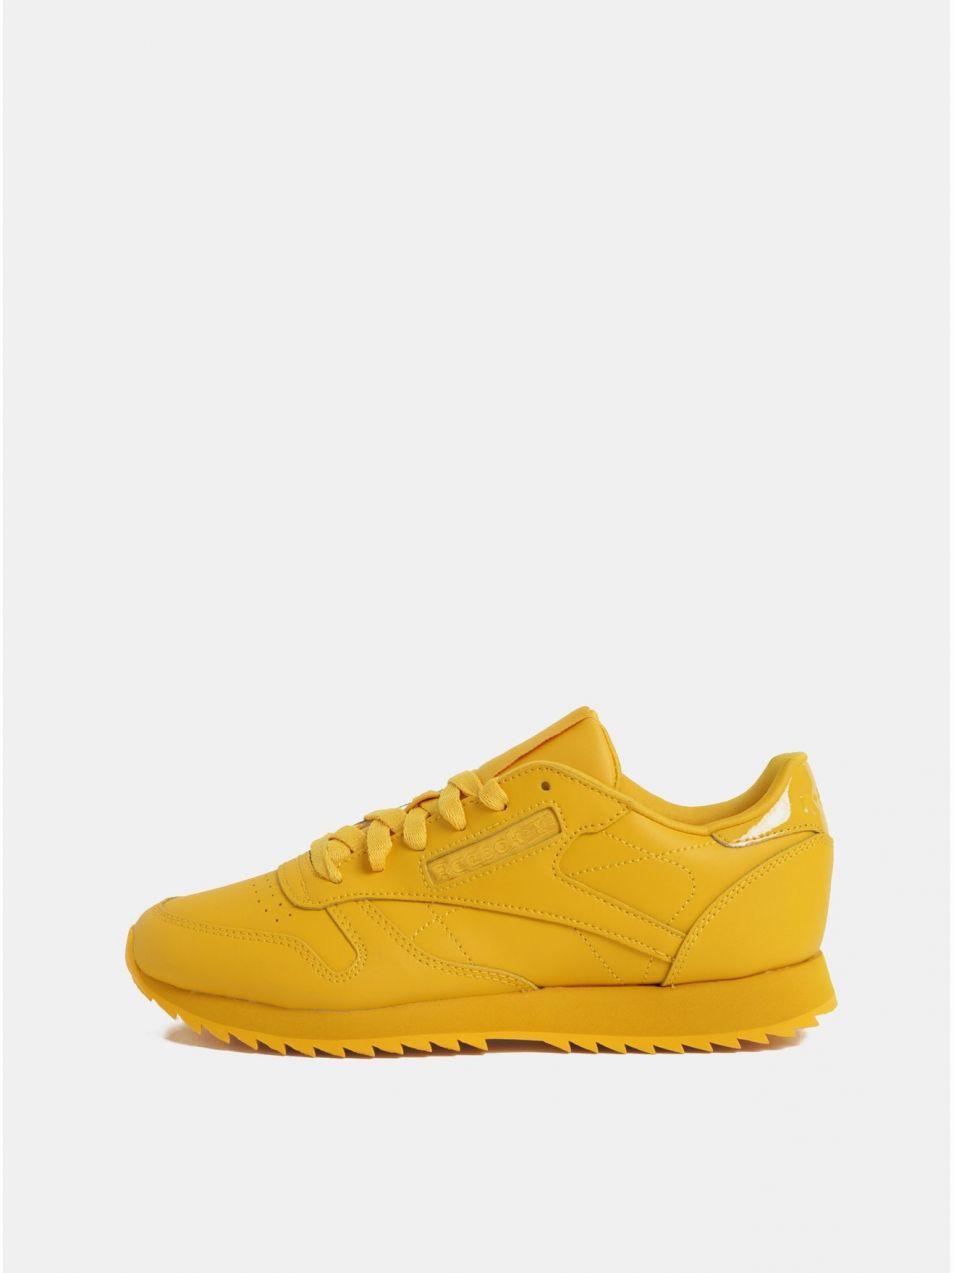 565febf761 Žlté dámske kožené tenisky Reebok Ripple značky Reebok - Lovely.sk